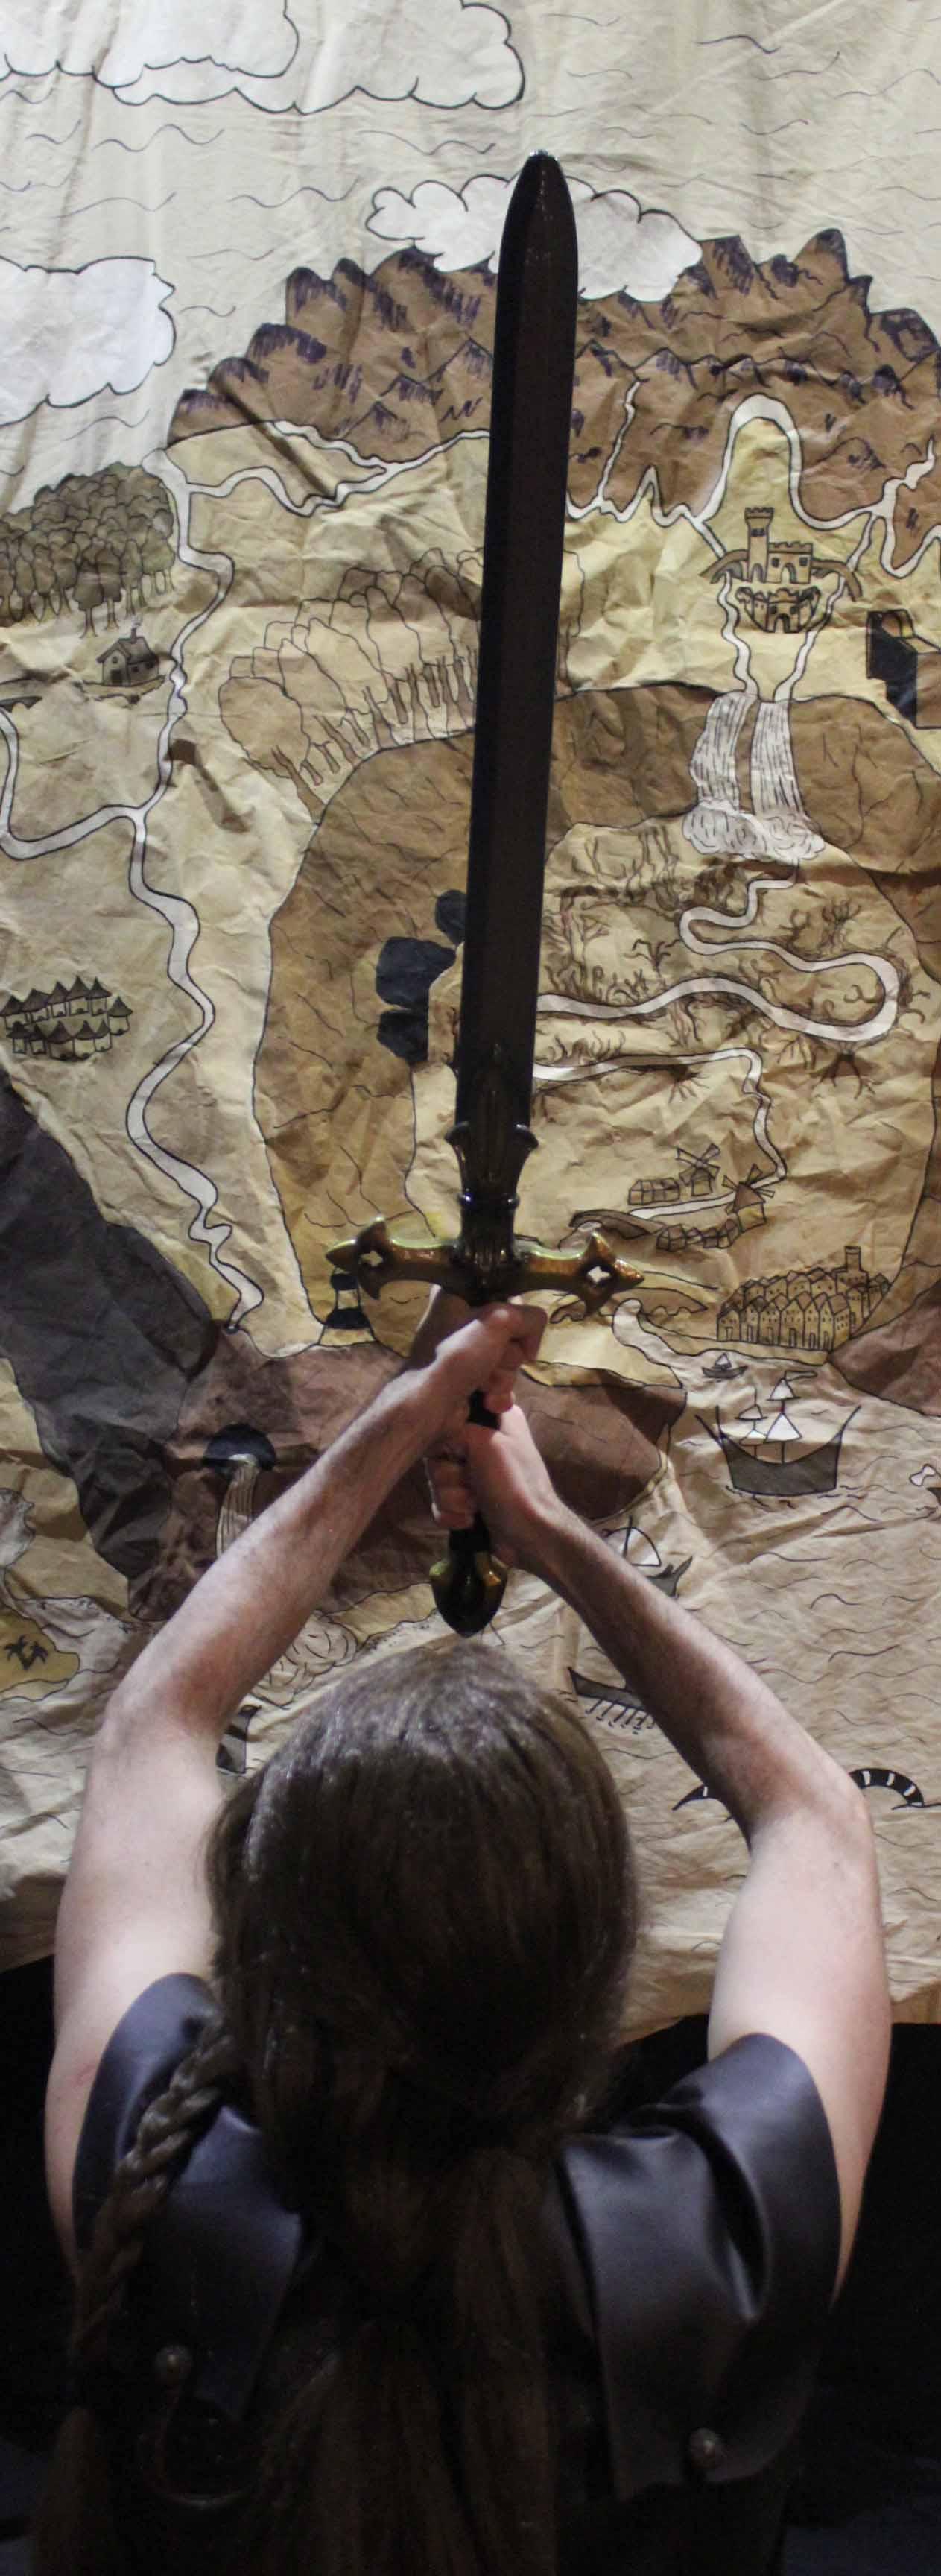 jurgi mercenario espada calambur impro